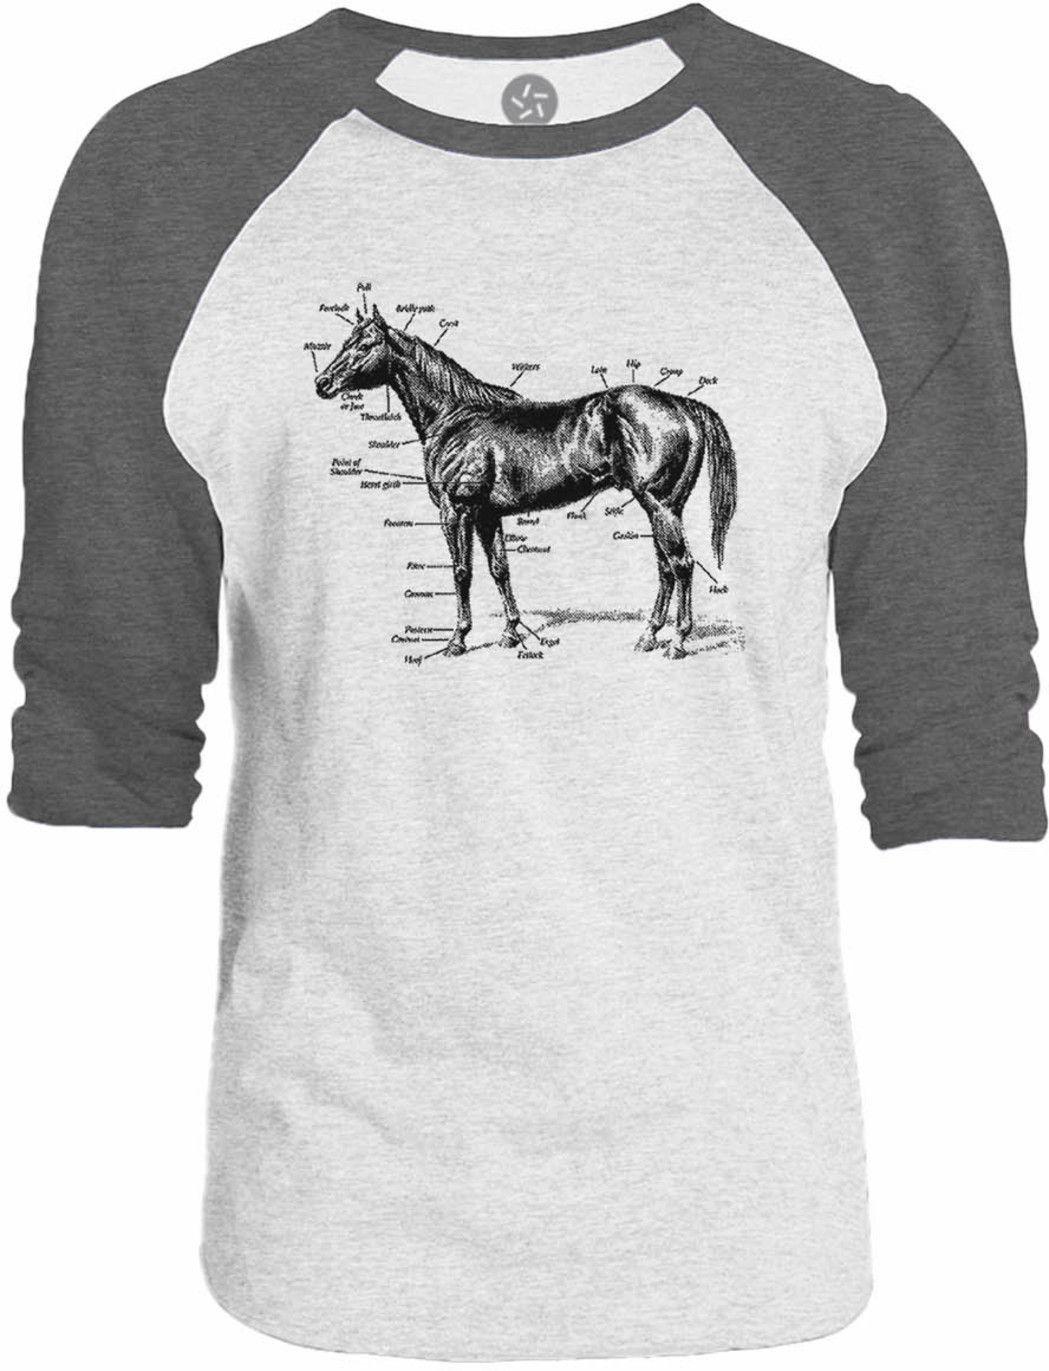 Big Texas Anatomy of a Horse 3/4-Sleeve Raglan Baseball T-Shirt